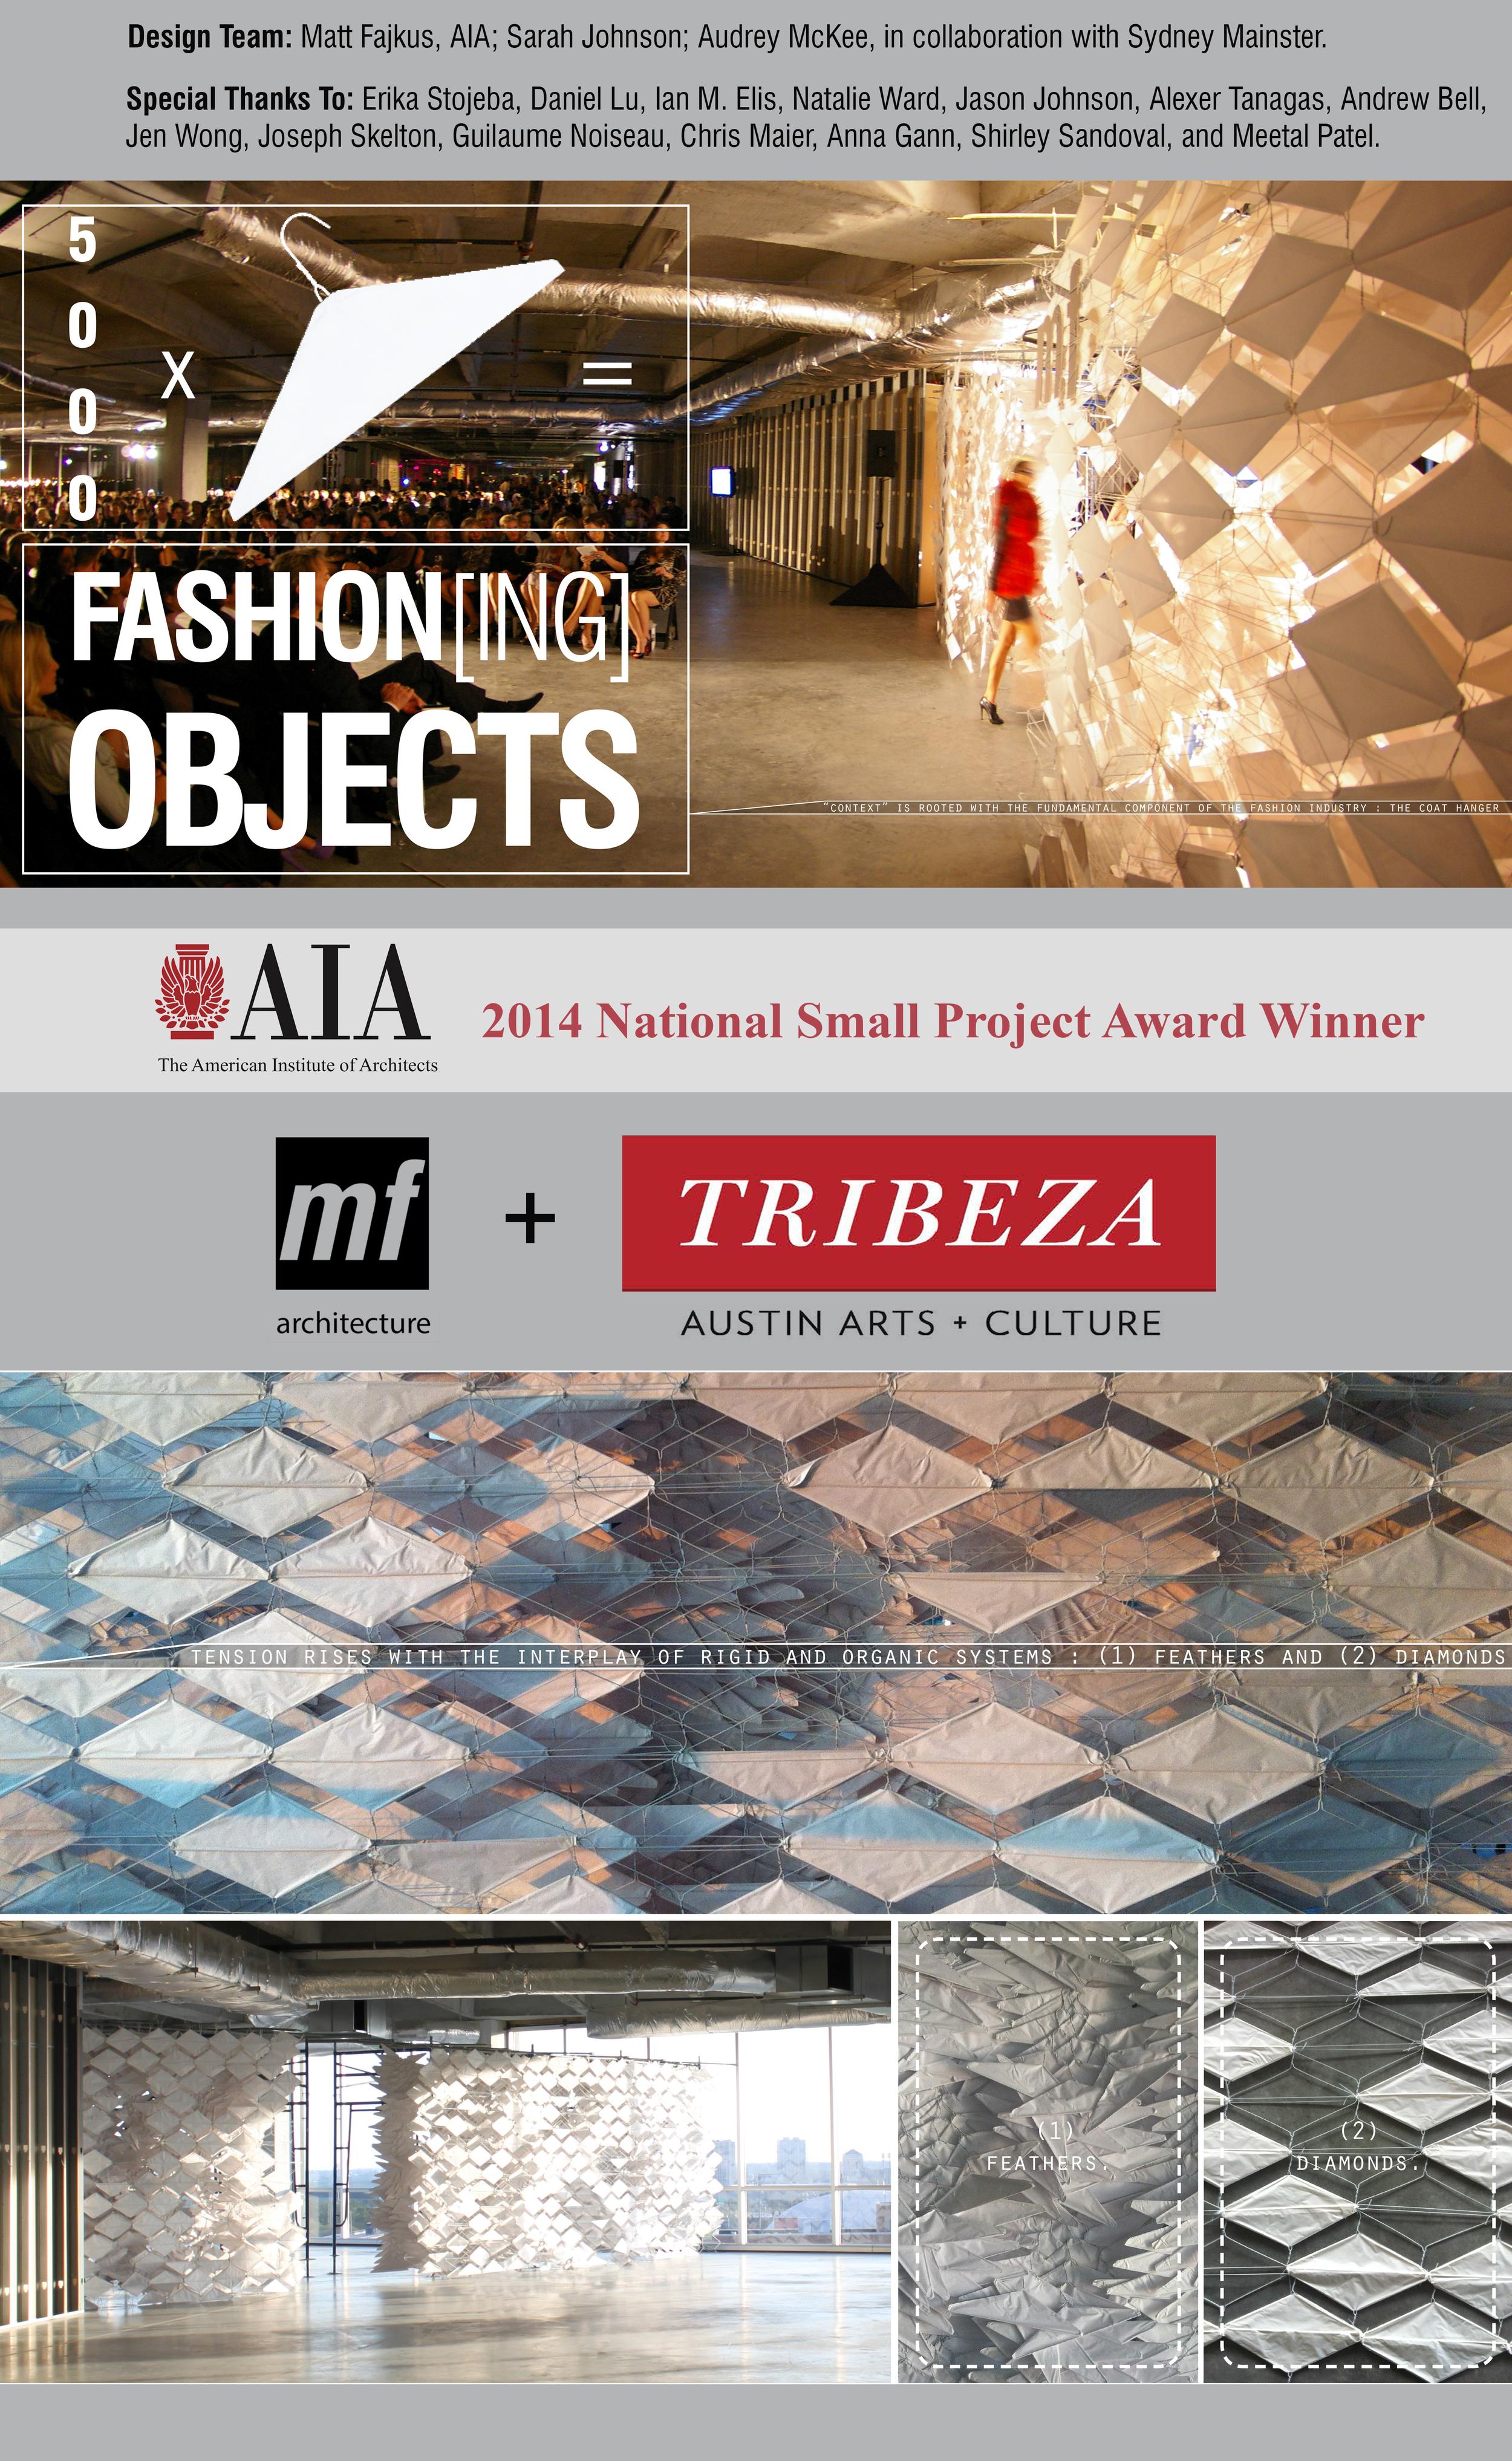 2014_0213 Matt Fajkus MF Architecture Fashioning Objects AIA Small Project Award.jpg